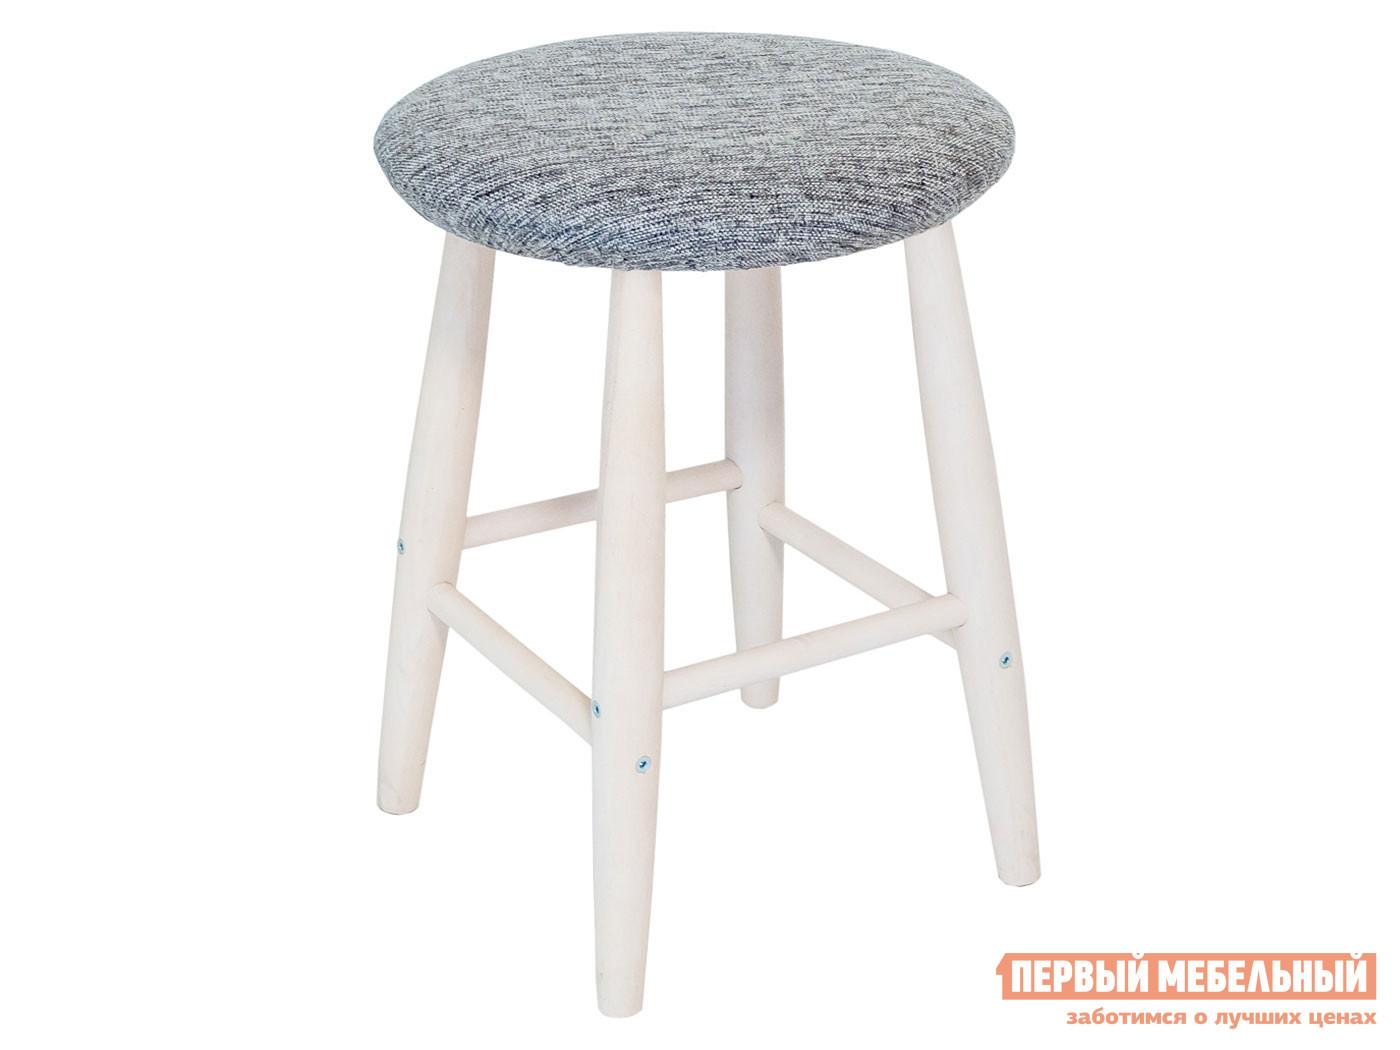 Табурет  Табурет мягкая круглая крышка массив Выбеленная береза / Модерн Серый